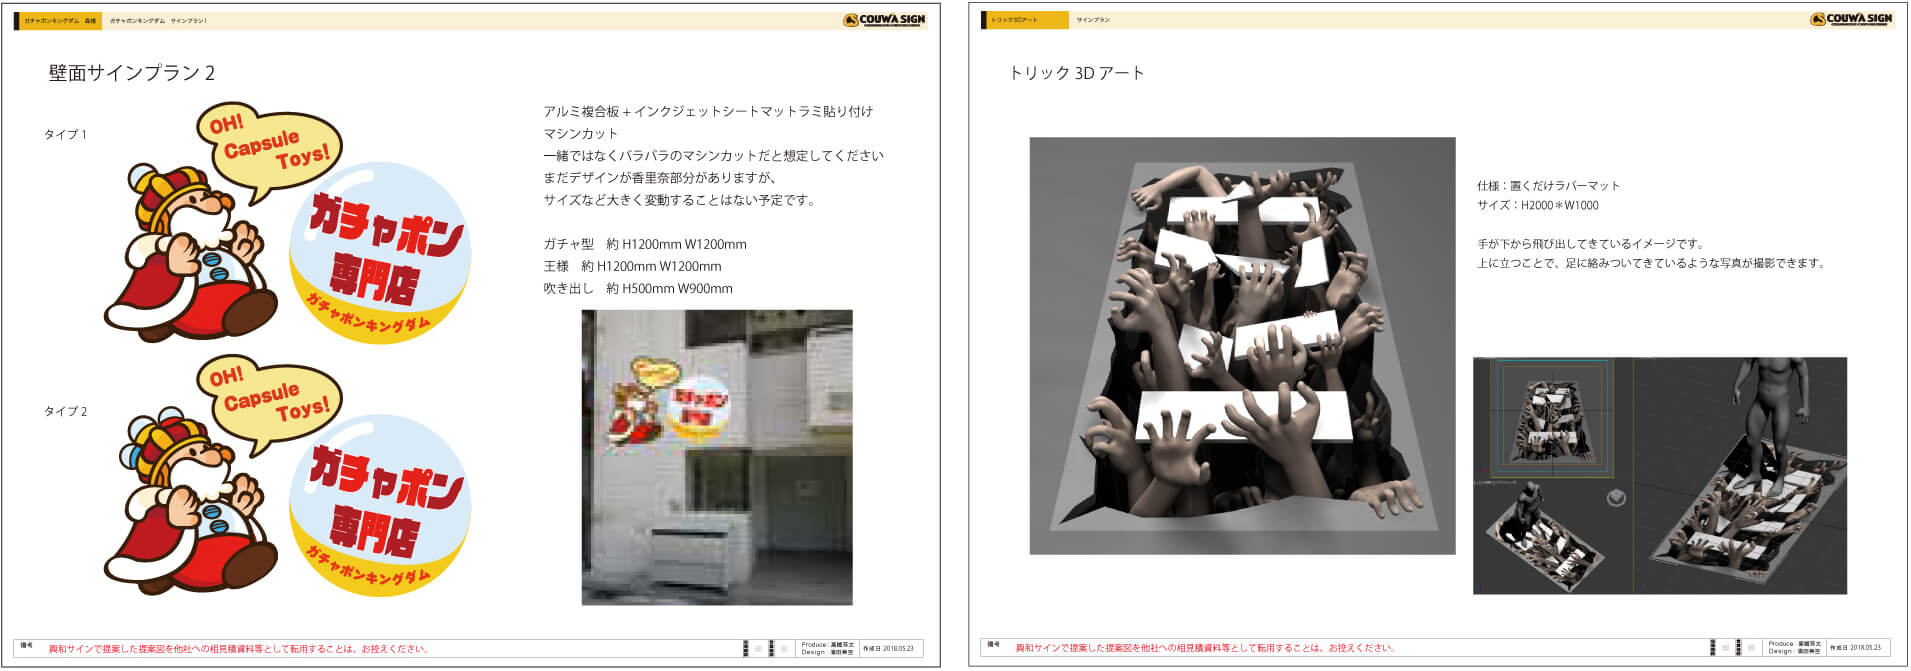 3Dソフトを使用したデザインやイラストの細かいデザインの作成